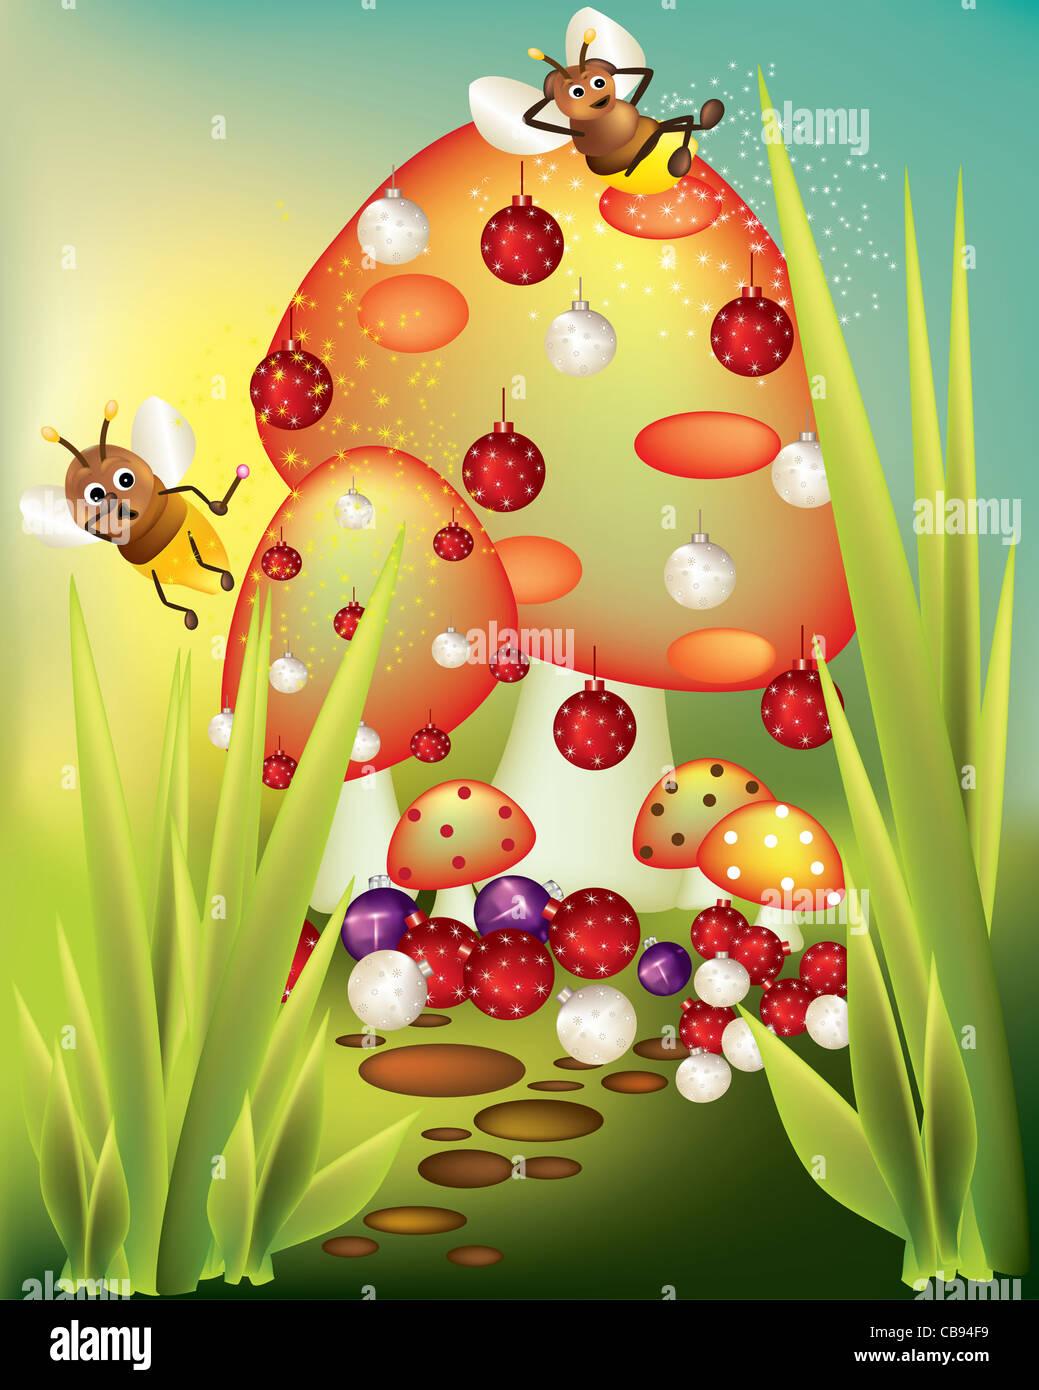 Natale nel paese delle meraviglie Immagini Stock